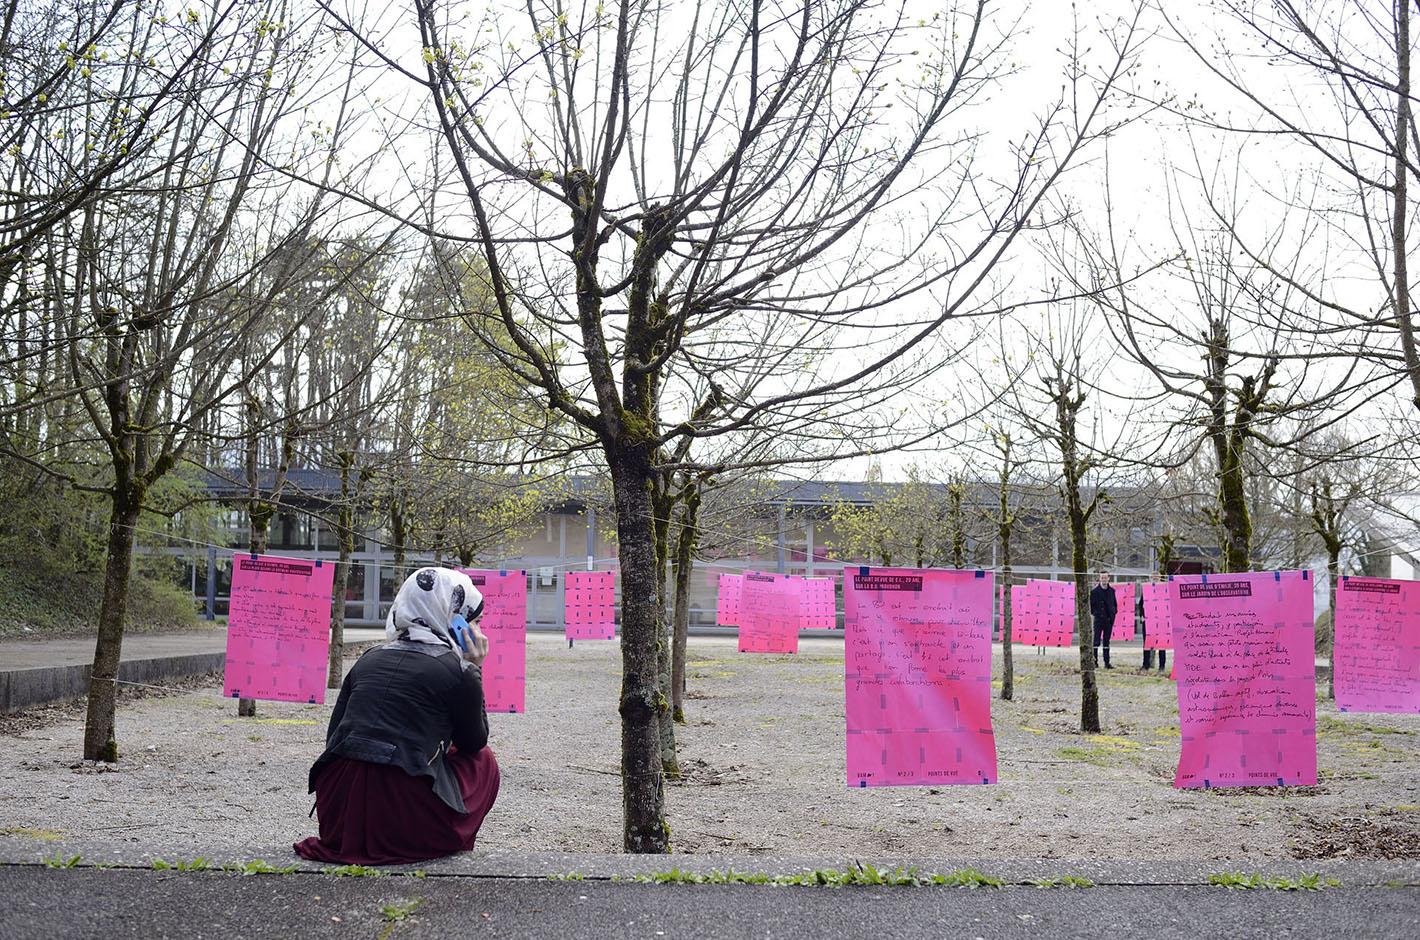 BAM ! — La Bouloie en agitation maximum — Campus de la Bouloie — Besançon — Université de Franche-Comté